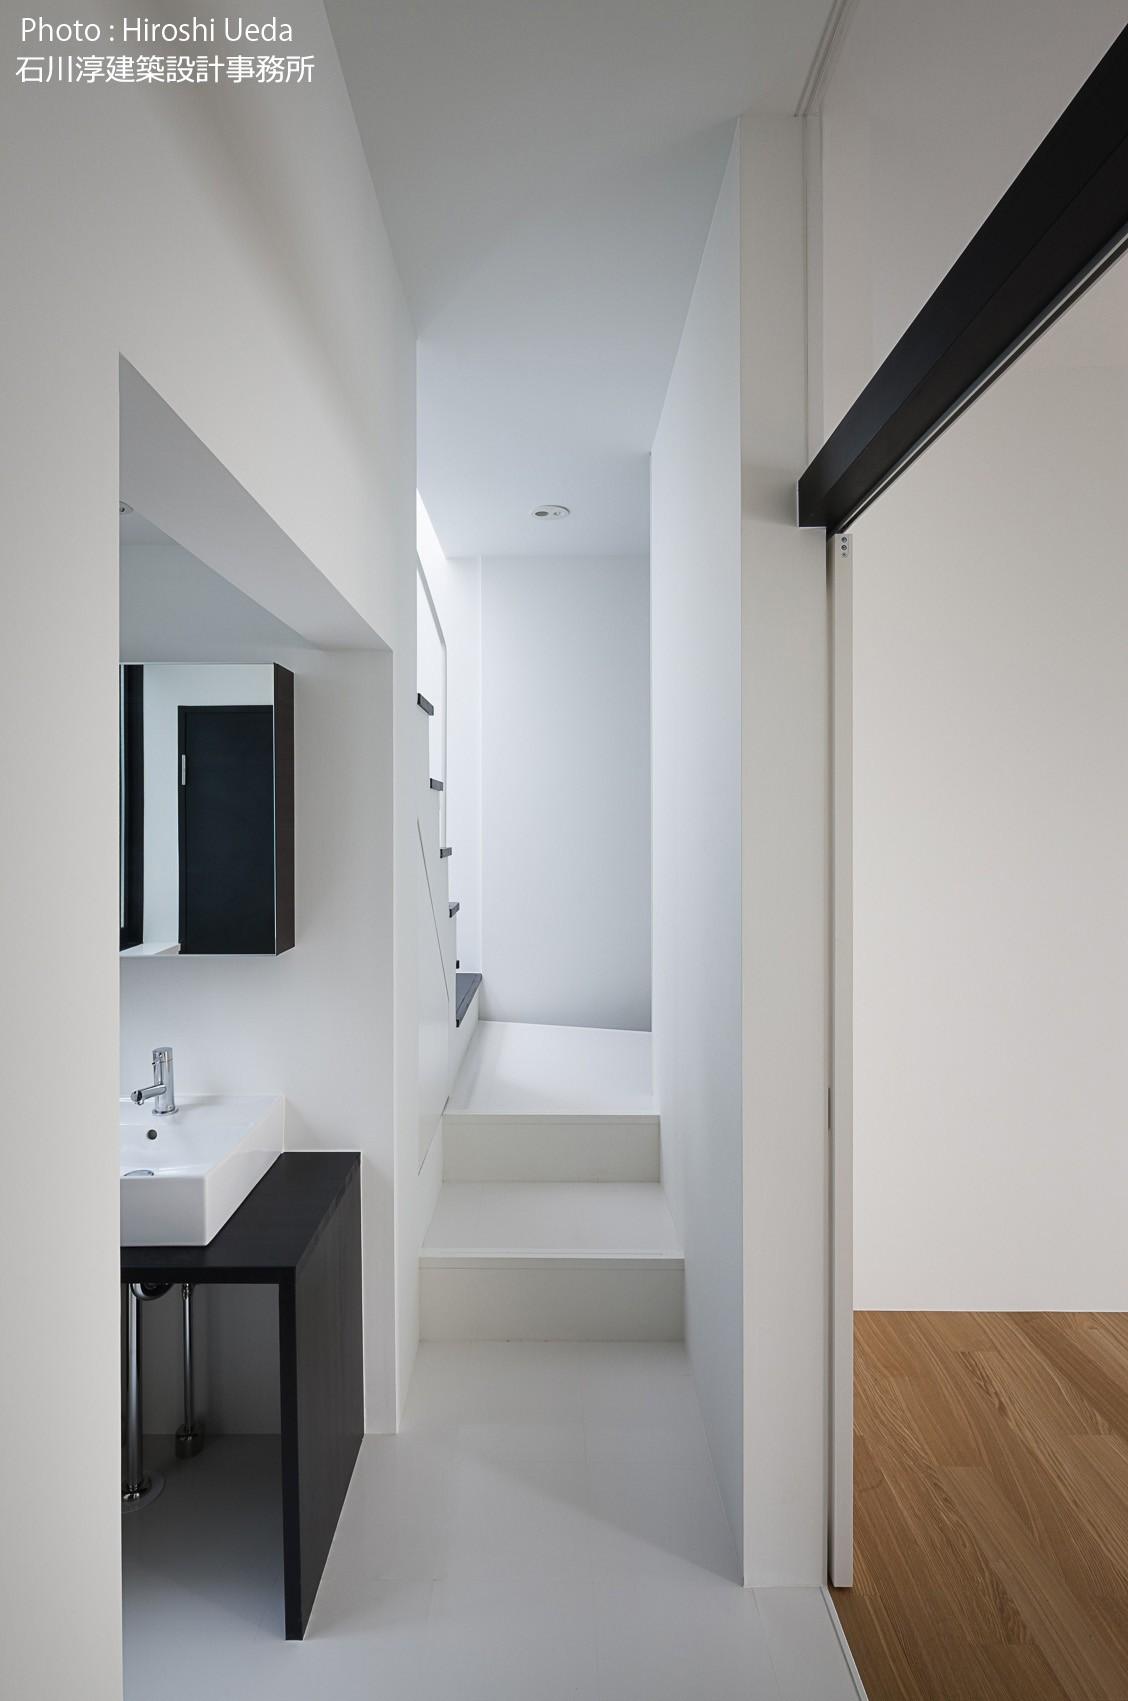 玄関事例:子供室前の廊下に洗面コーナー 帰って来てすぐ手洗いできる(杉並 ちいさな仕事室のある家)